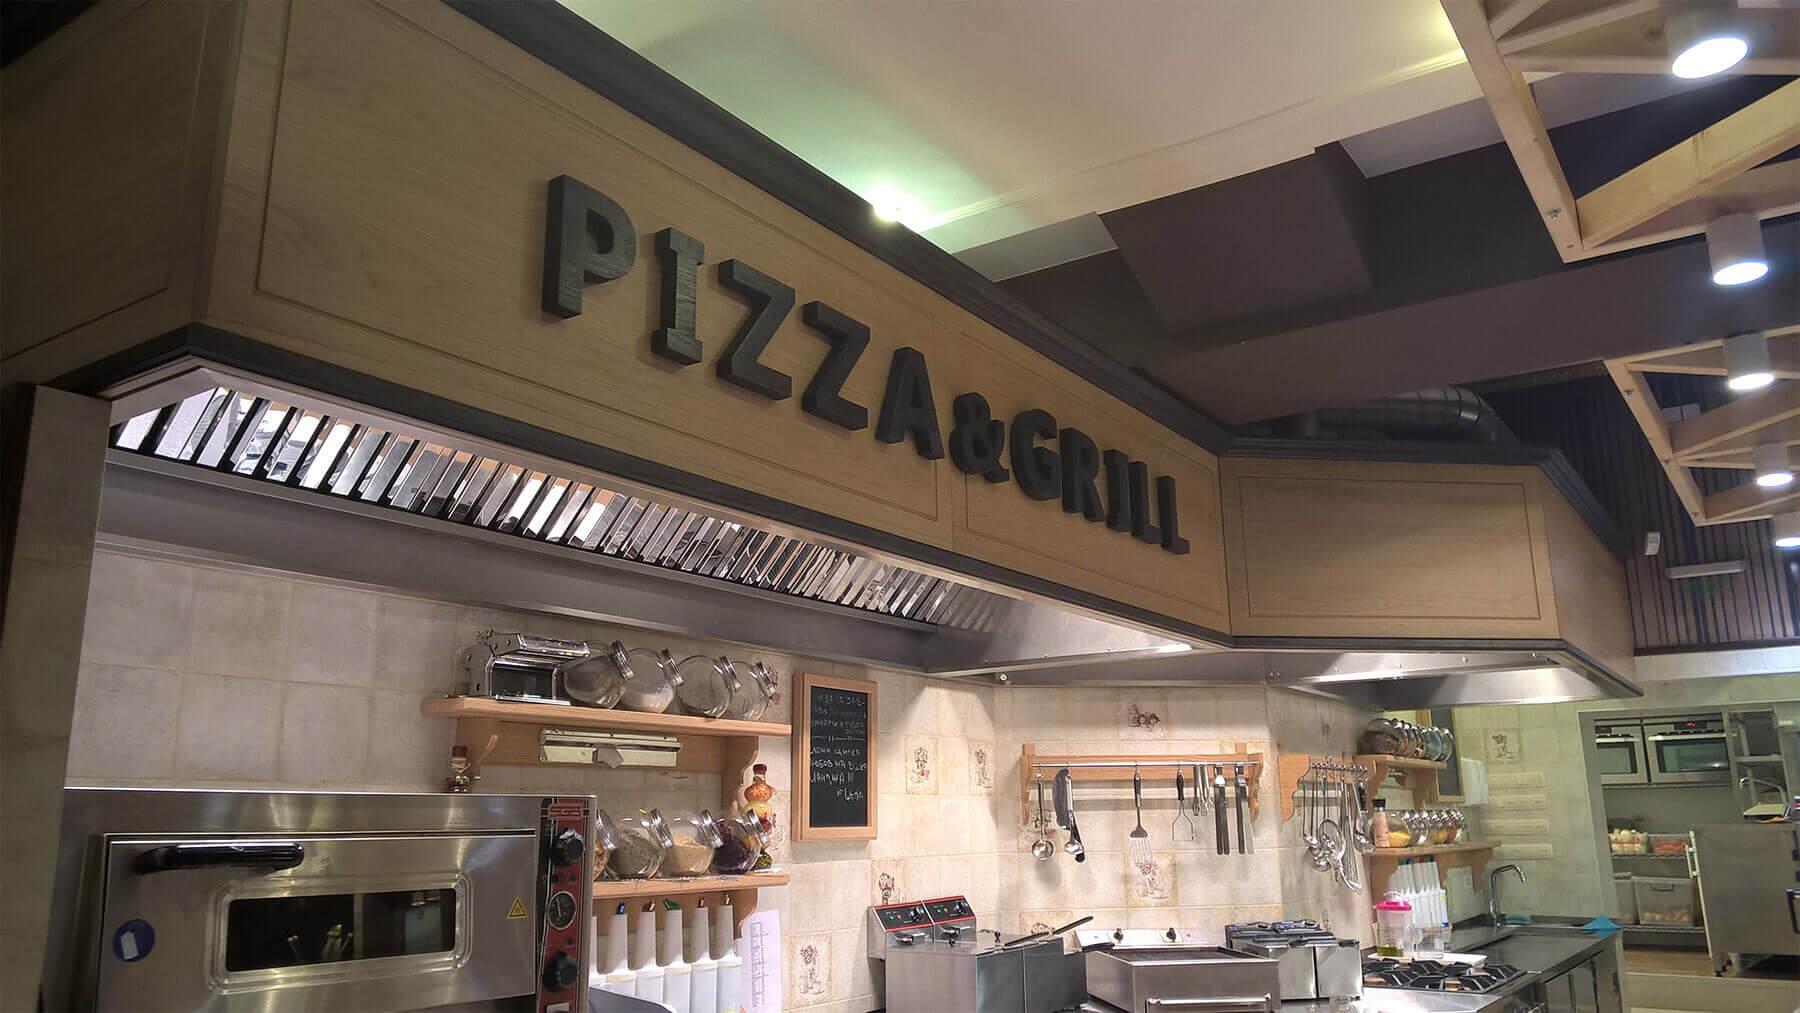 Pizza Bar Capris - Resurant Interior 4